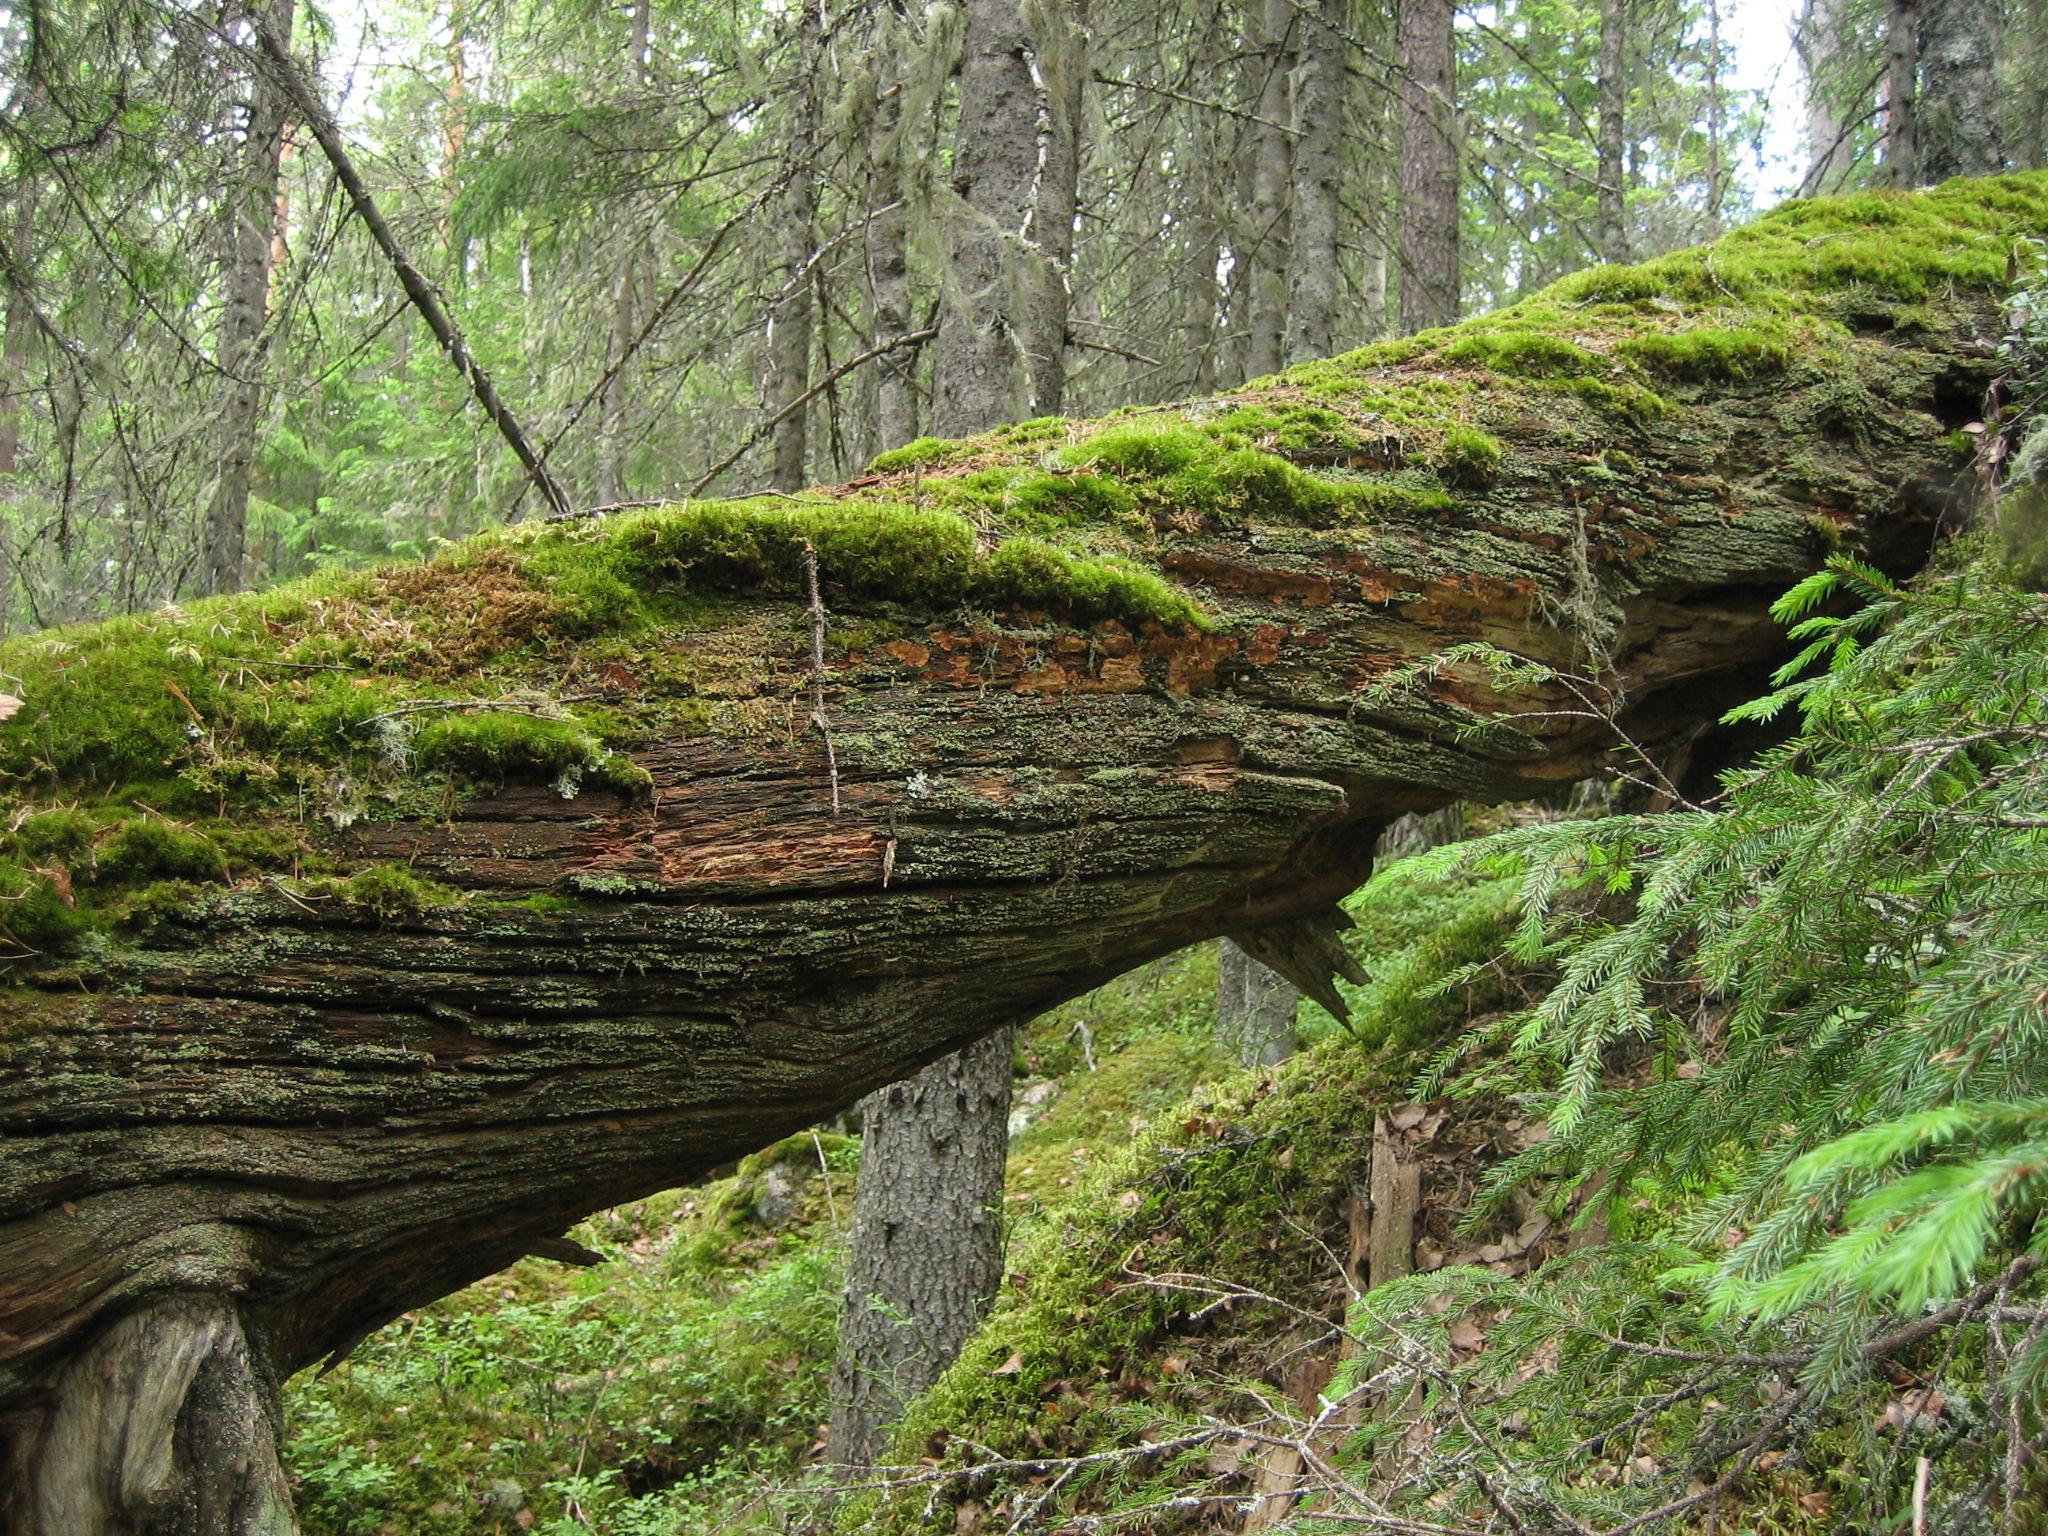 Grova fallna tallågor är en stor bristvara i dagens skogslandskap. De utgör livsmiljö för många idag sällsynta arter.